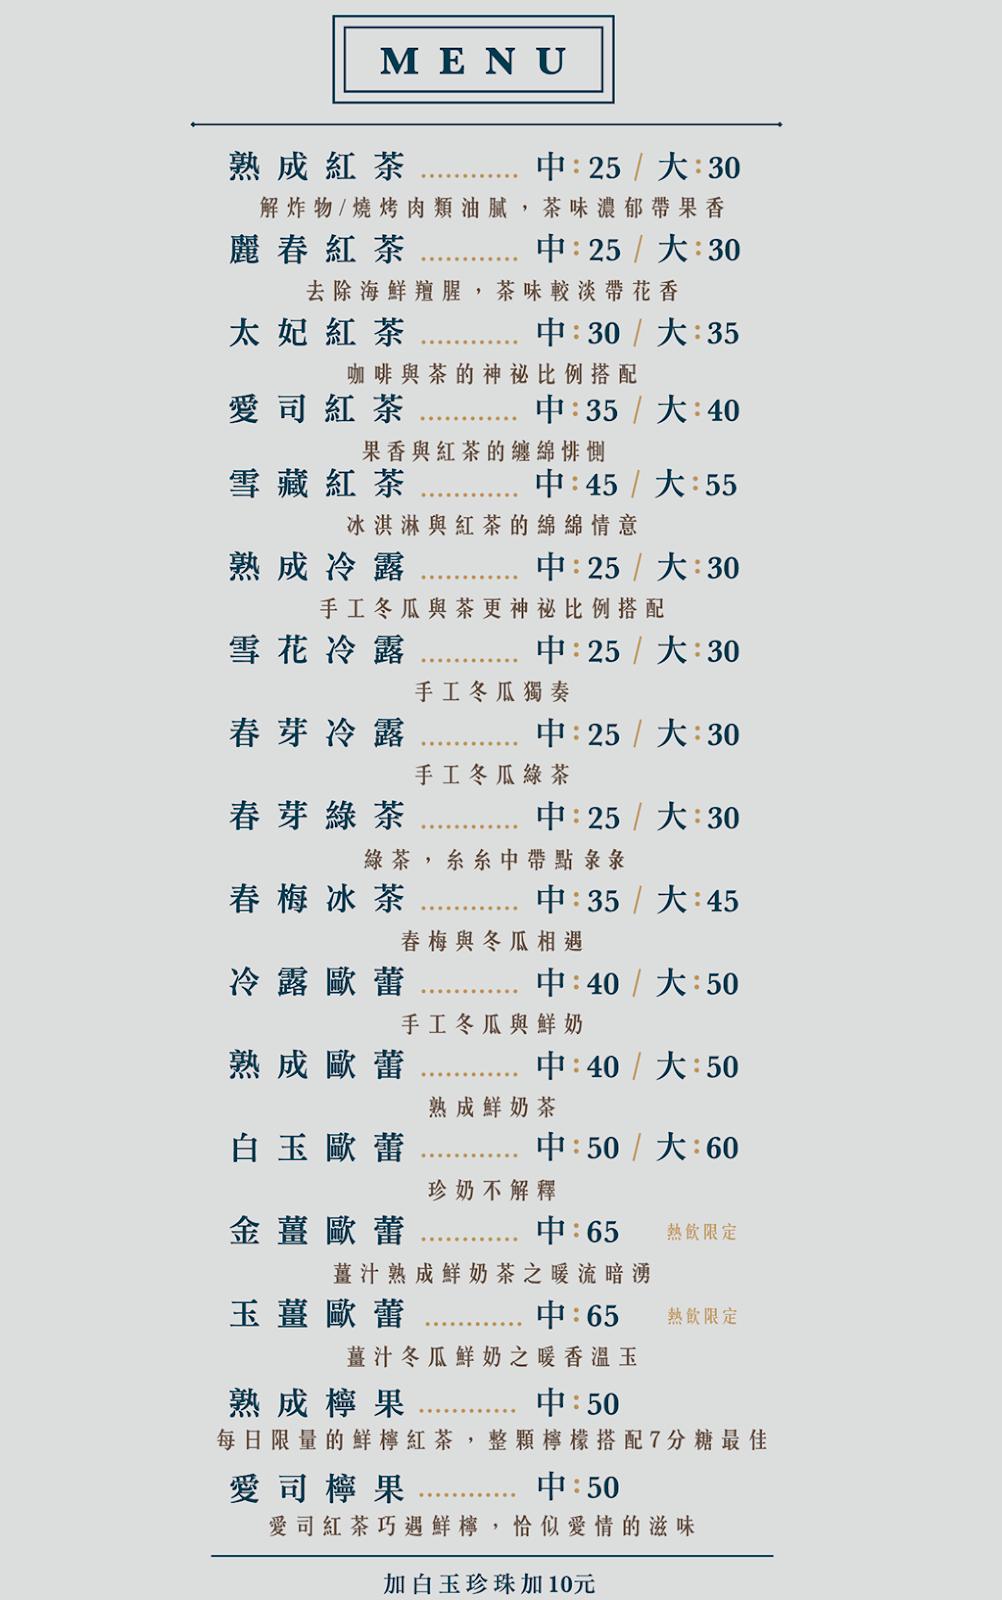 【可不可熟成紅茶】2020菜單/價目表